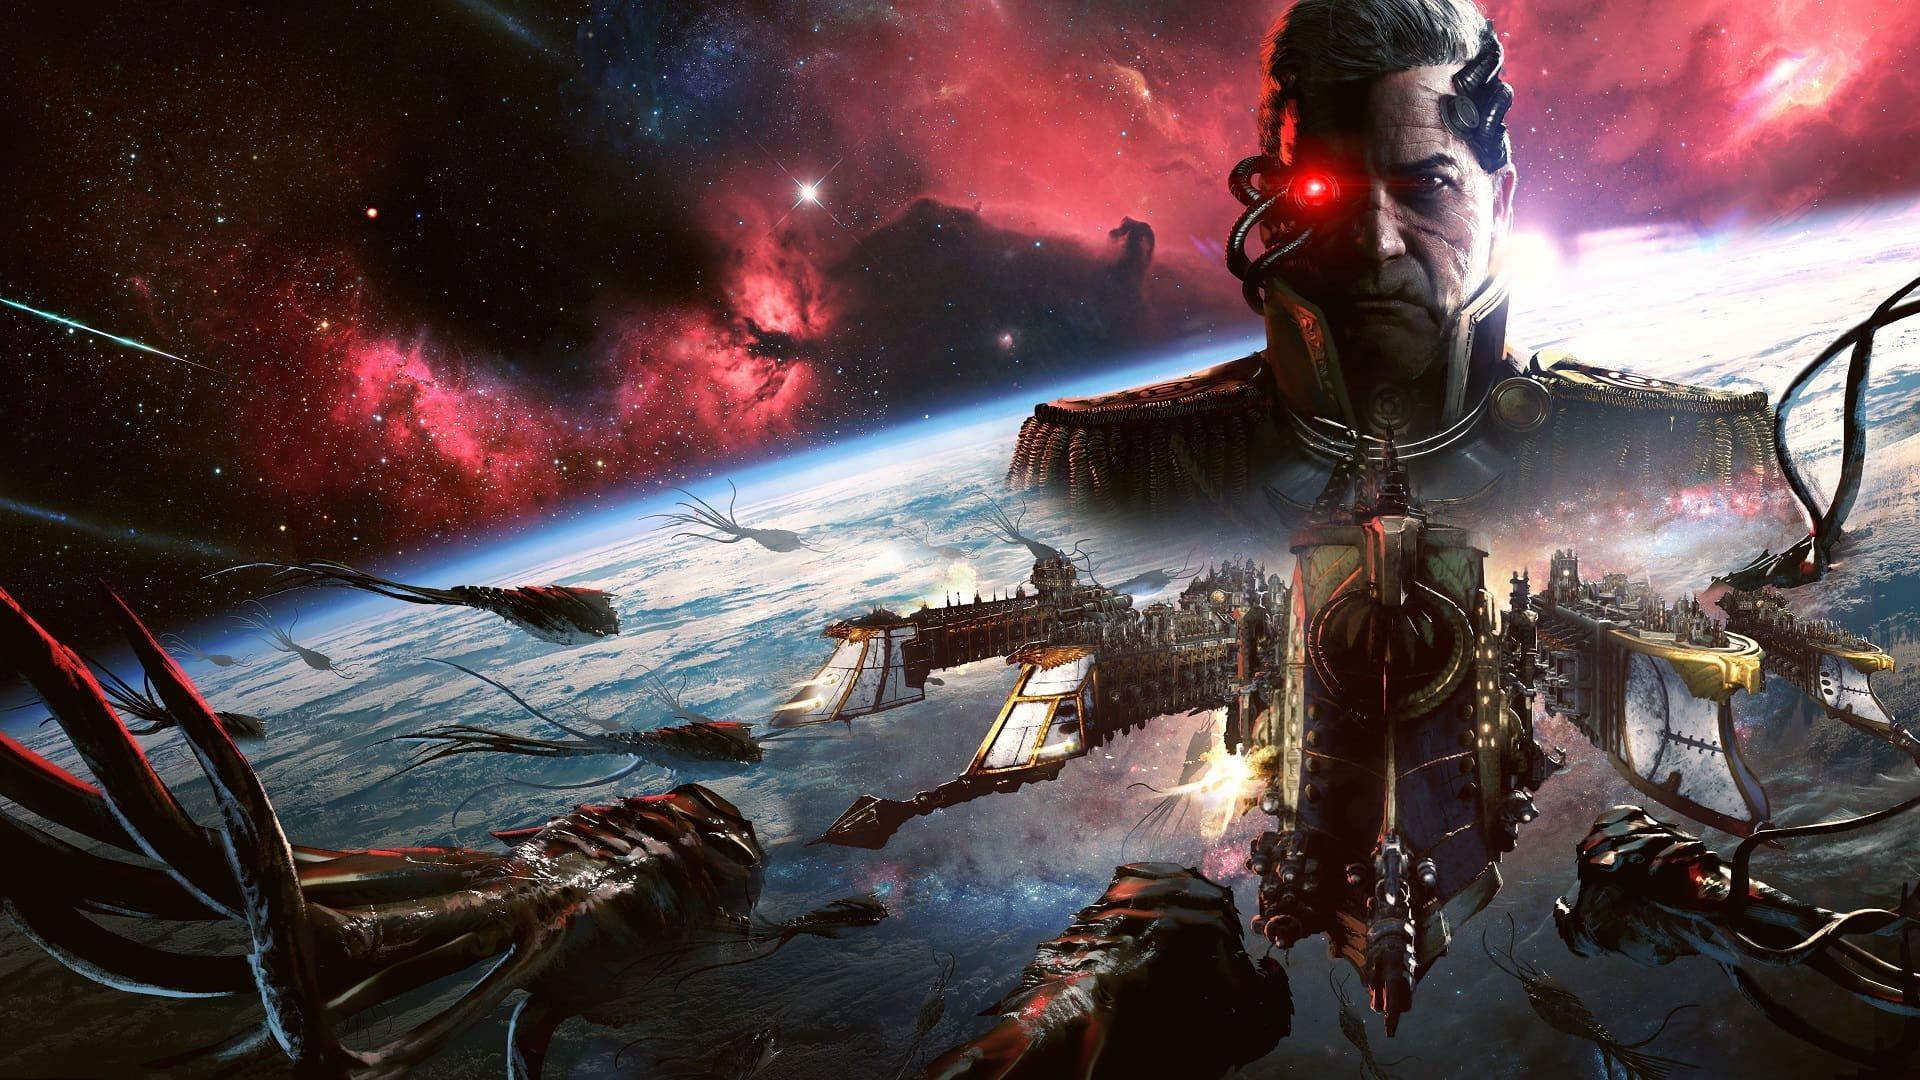 Battlefleet Gothic: Armada 2; screenshot: wallpaper